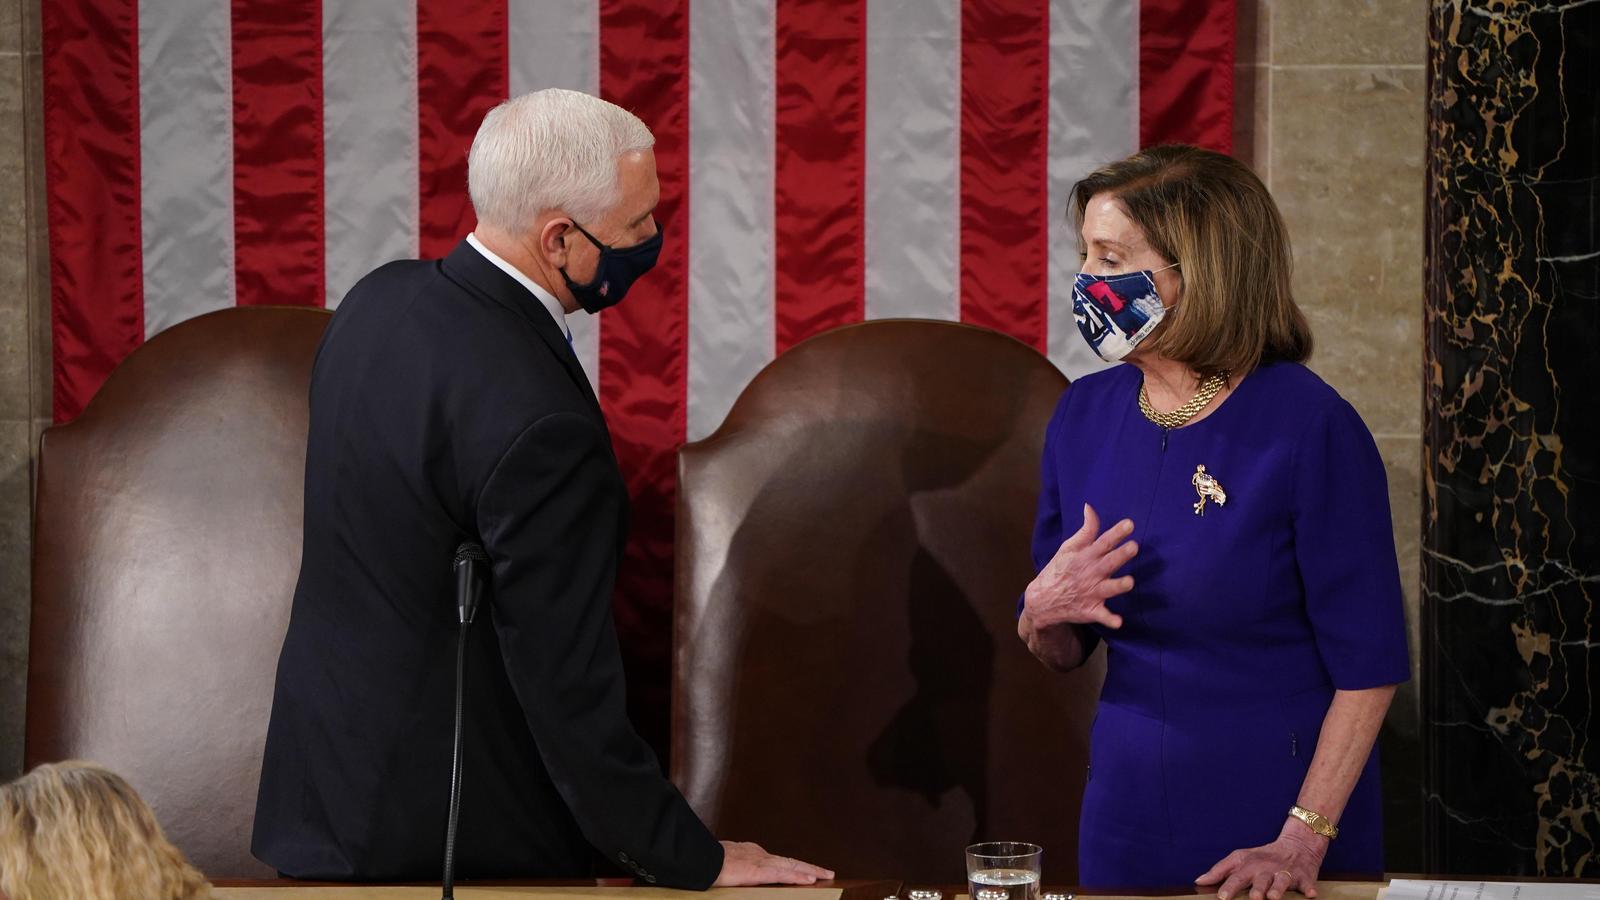 El vicepresident Mike Pence i la presidenta de la càmara de Representants, Nancy Pelosi, aquest dimecres al Congrés dels Estats Units